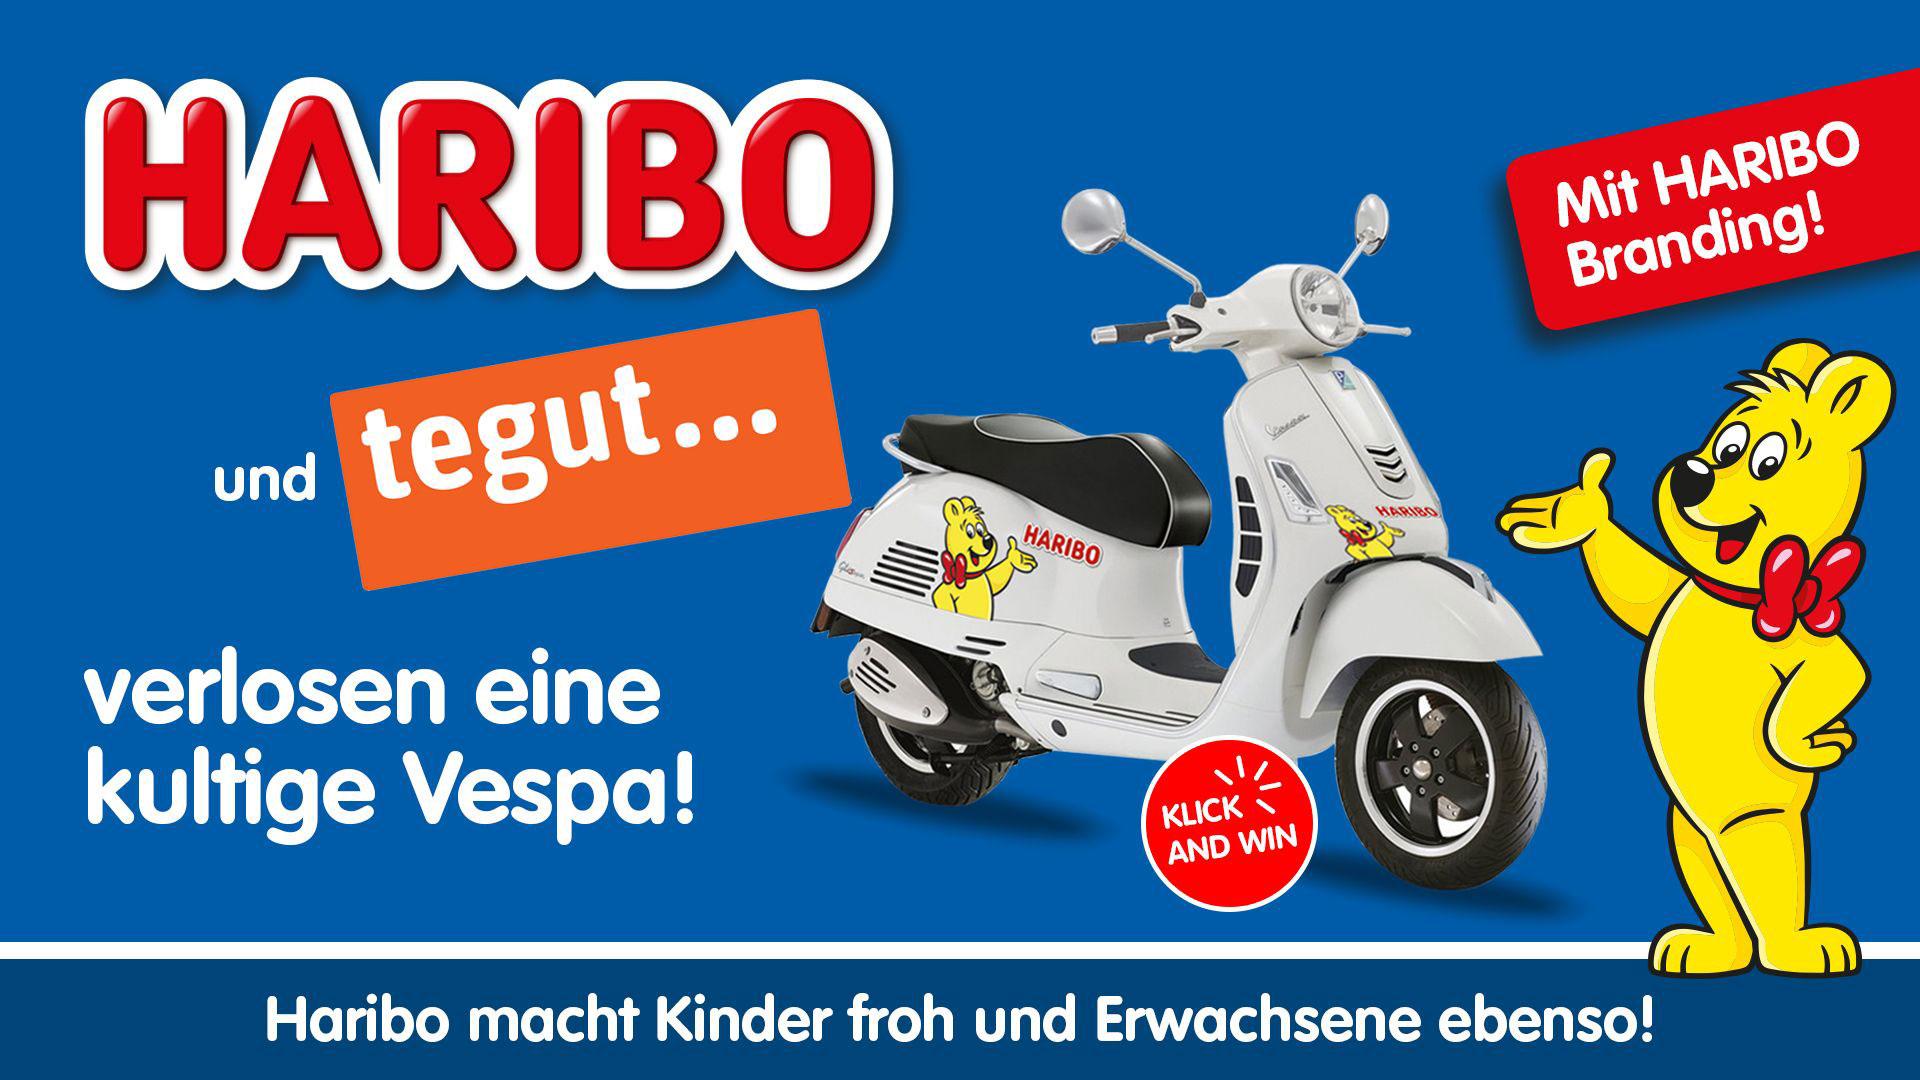 Gewinnspielbanner HARIBO mit Vespa und Goldbärchen und tegut Logo